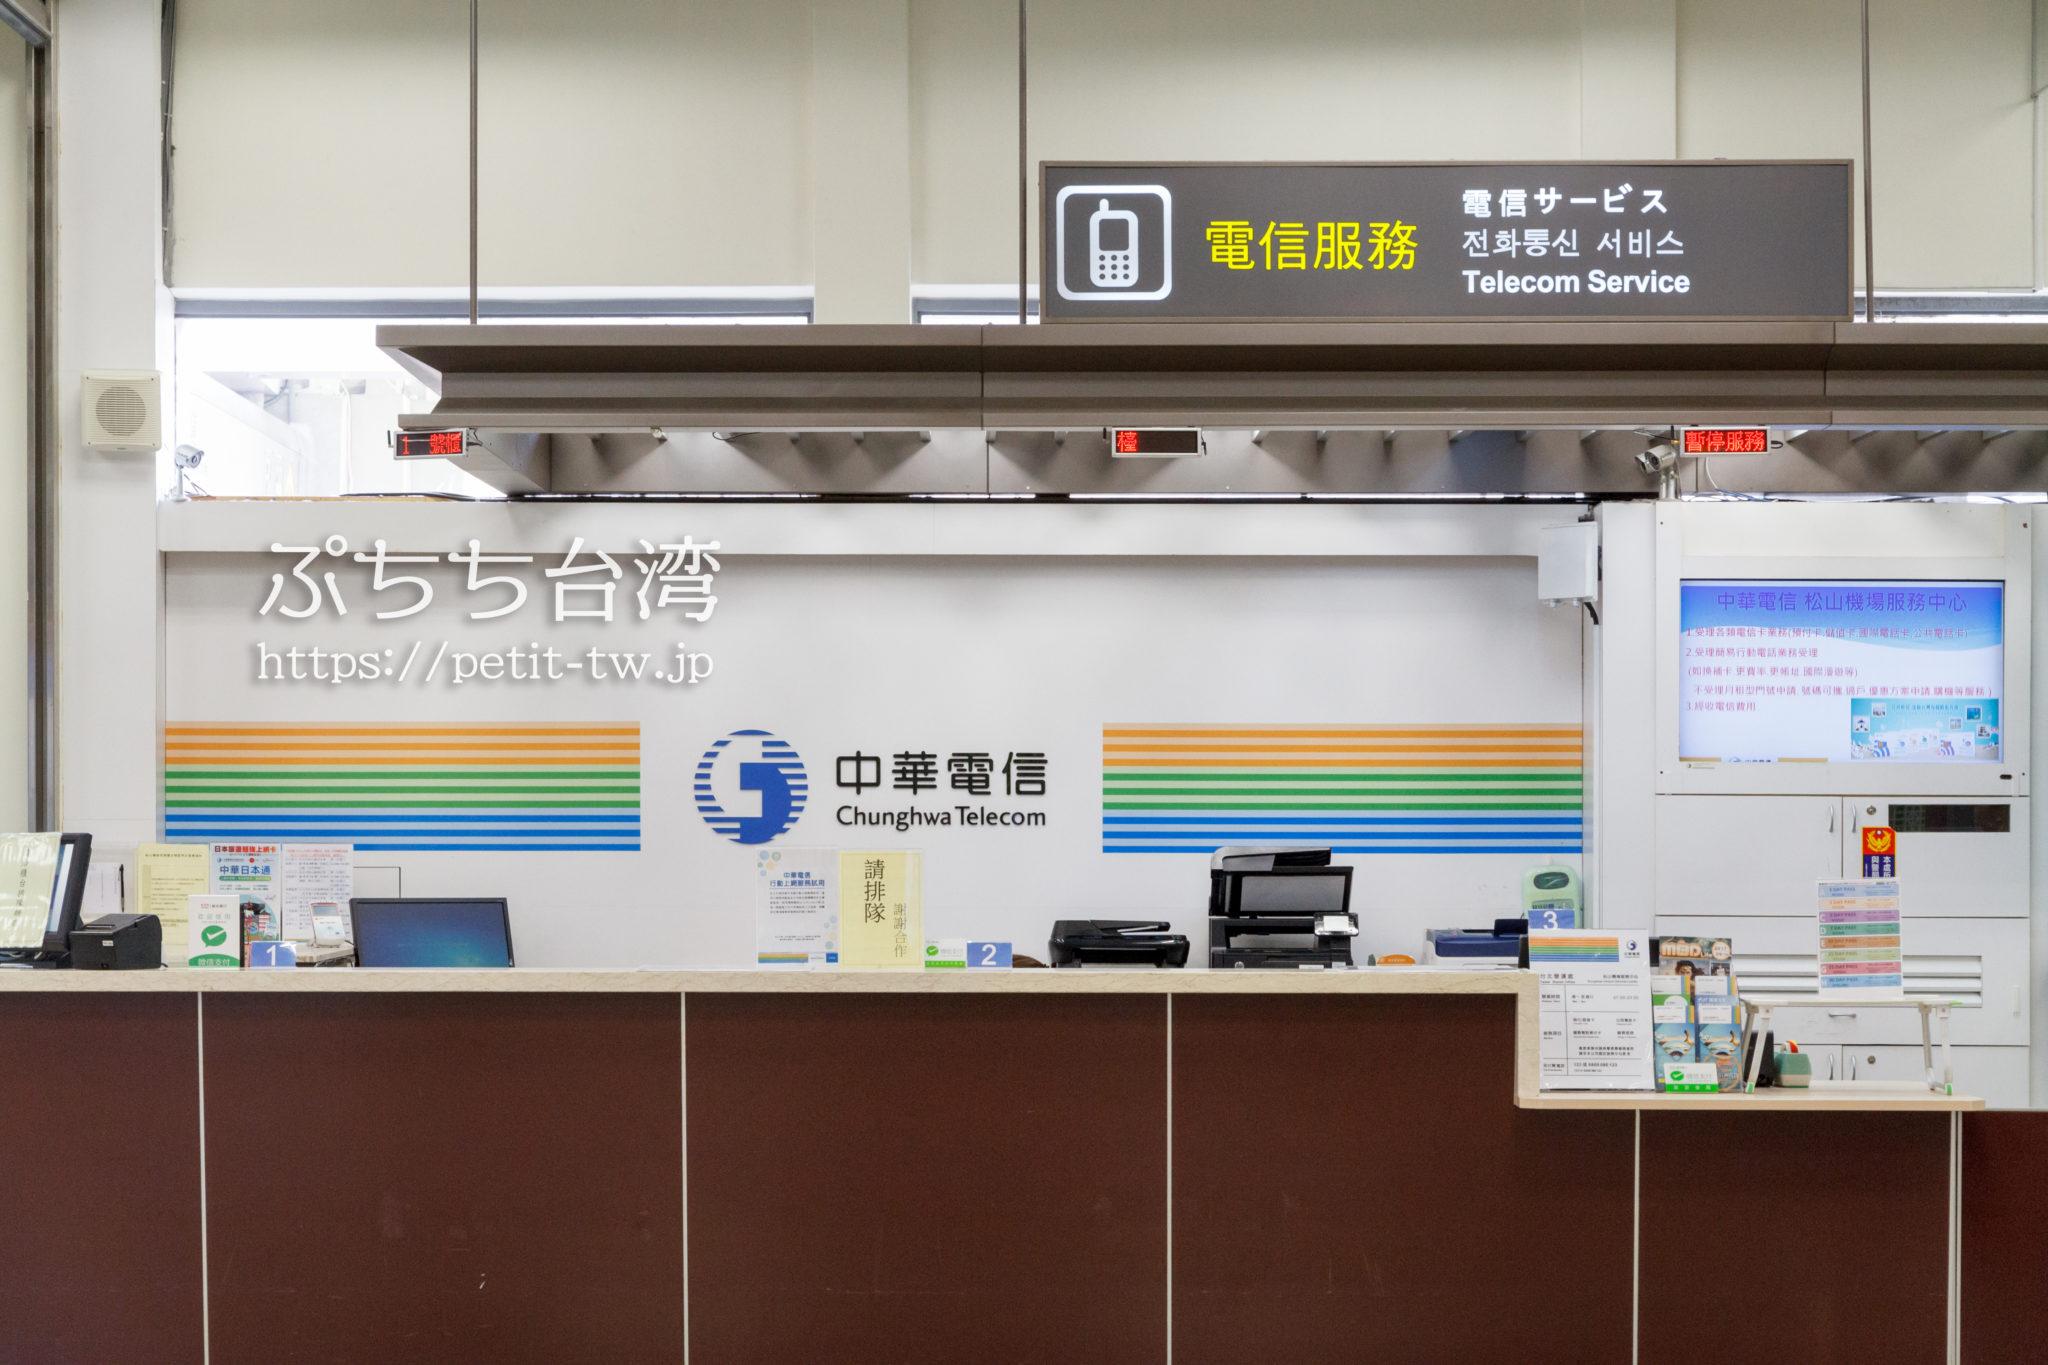 台北松山空港のSIMカード売り場